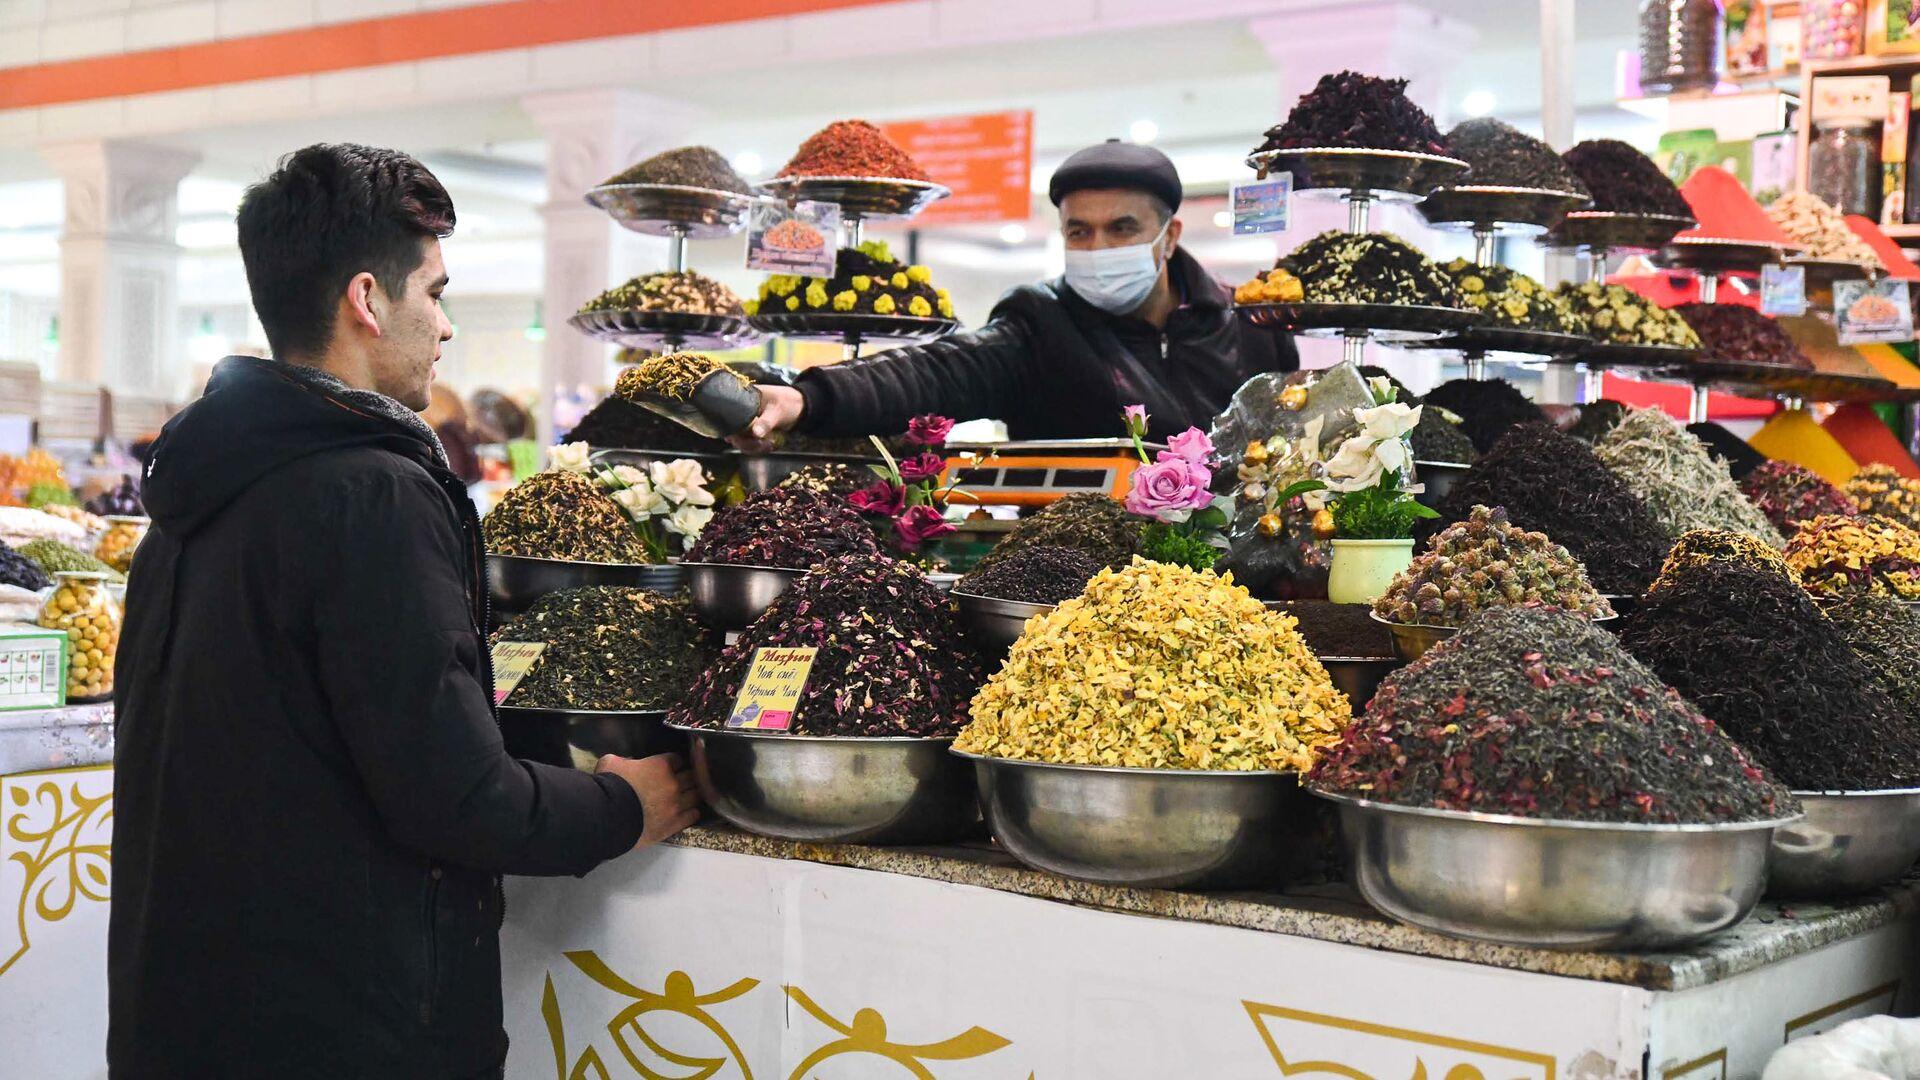 Покупатель на рынке Мехргон в Душанбе - Sputnik Таджикистан, 1920, 10.02.2021